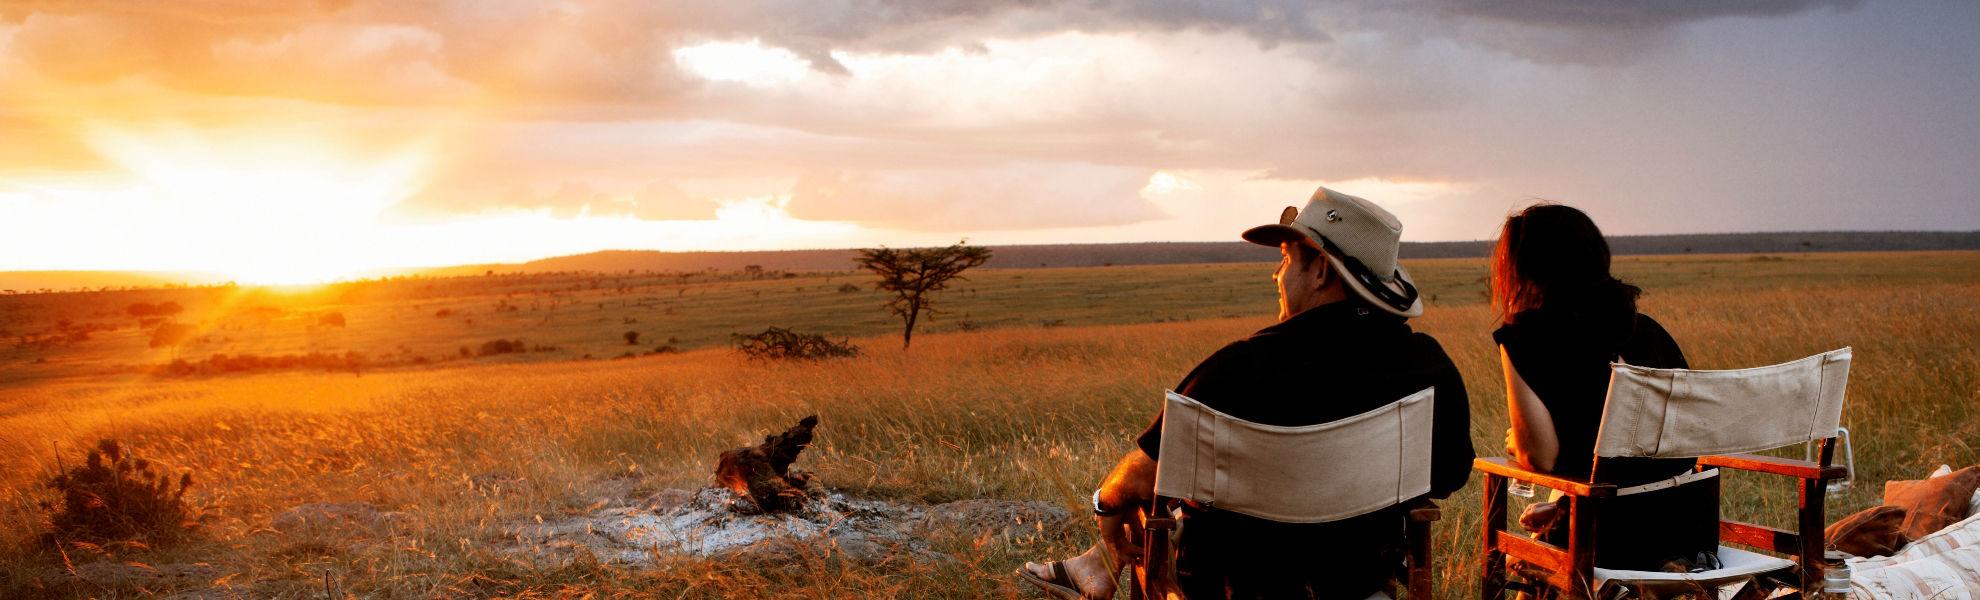 Lagerfeuer im Mara Schutzgebiet am Karen Blixen Camp